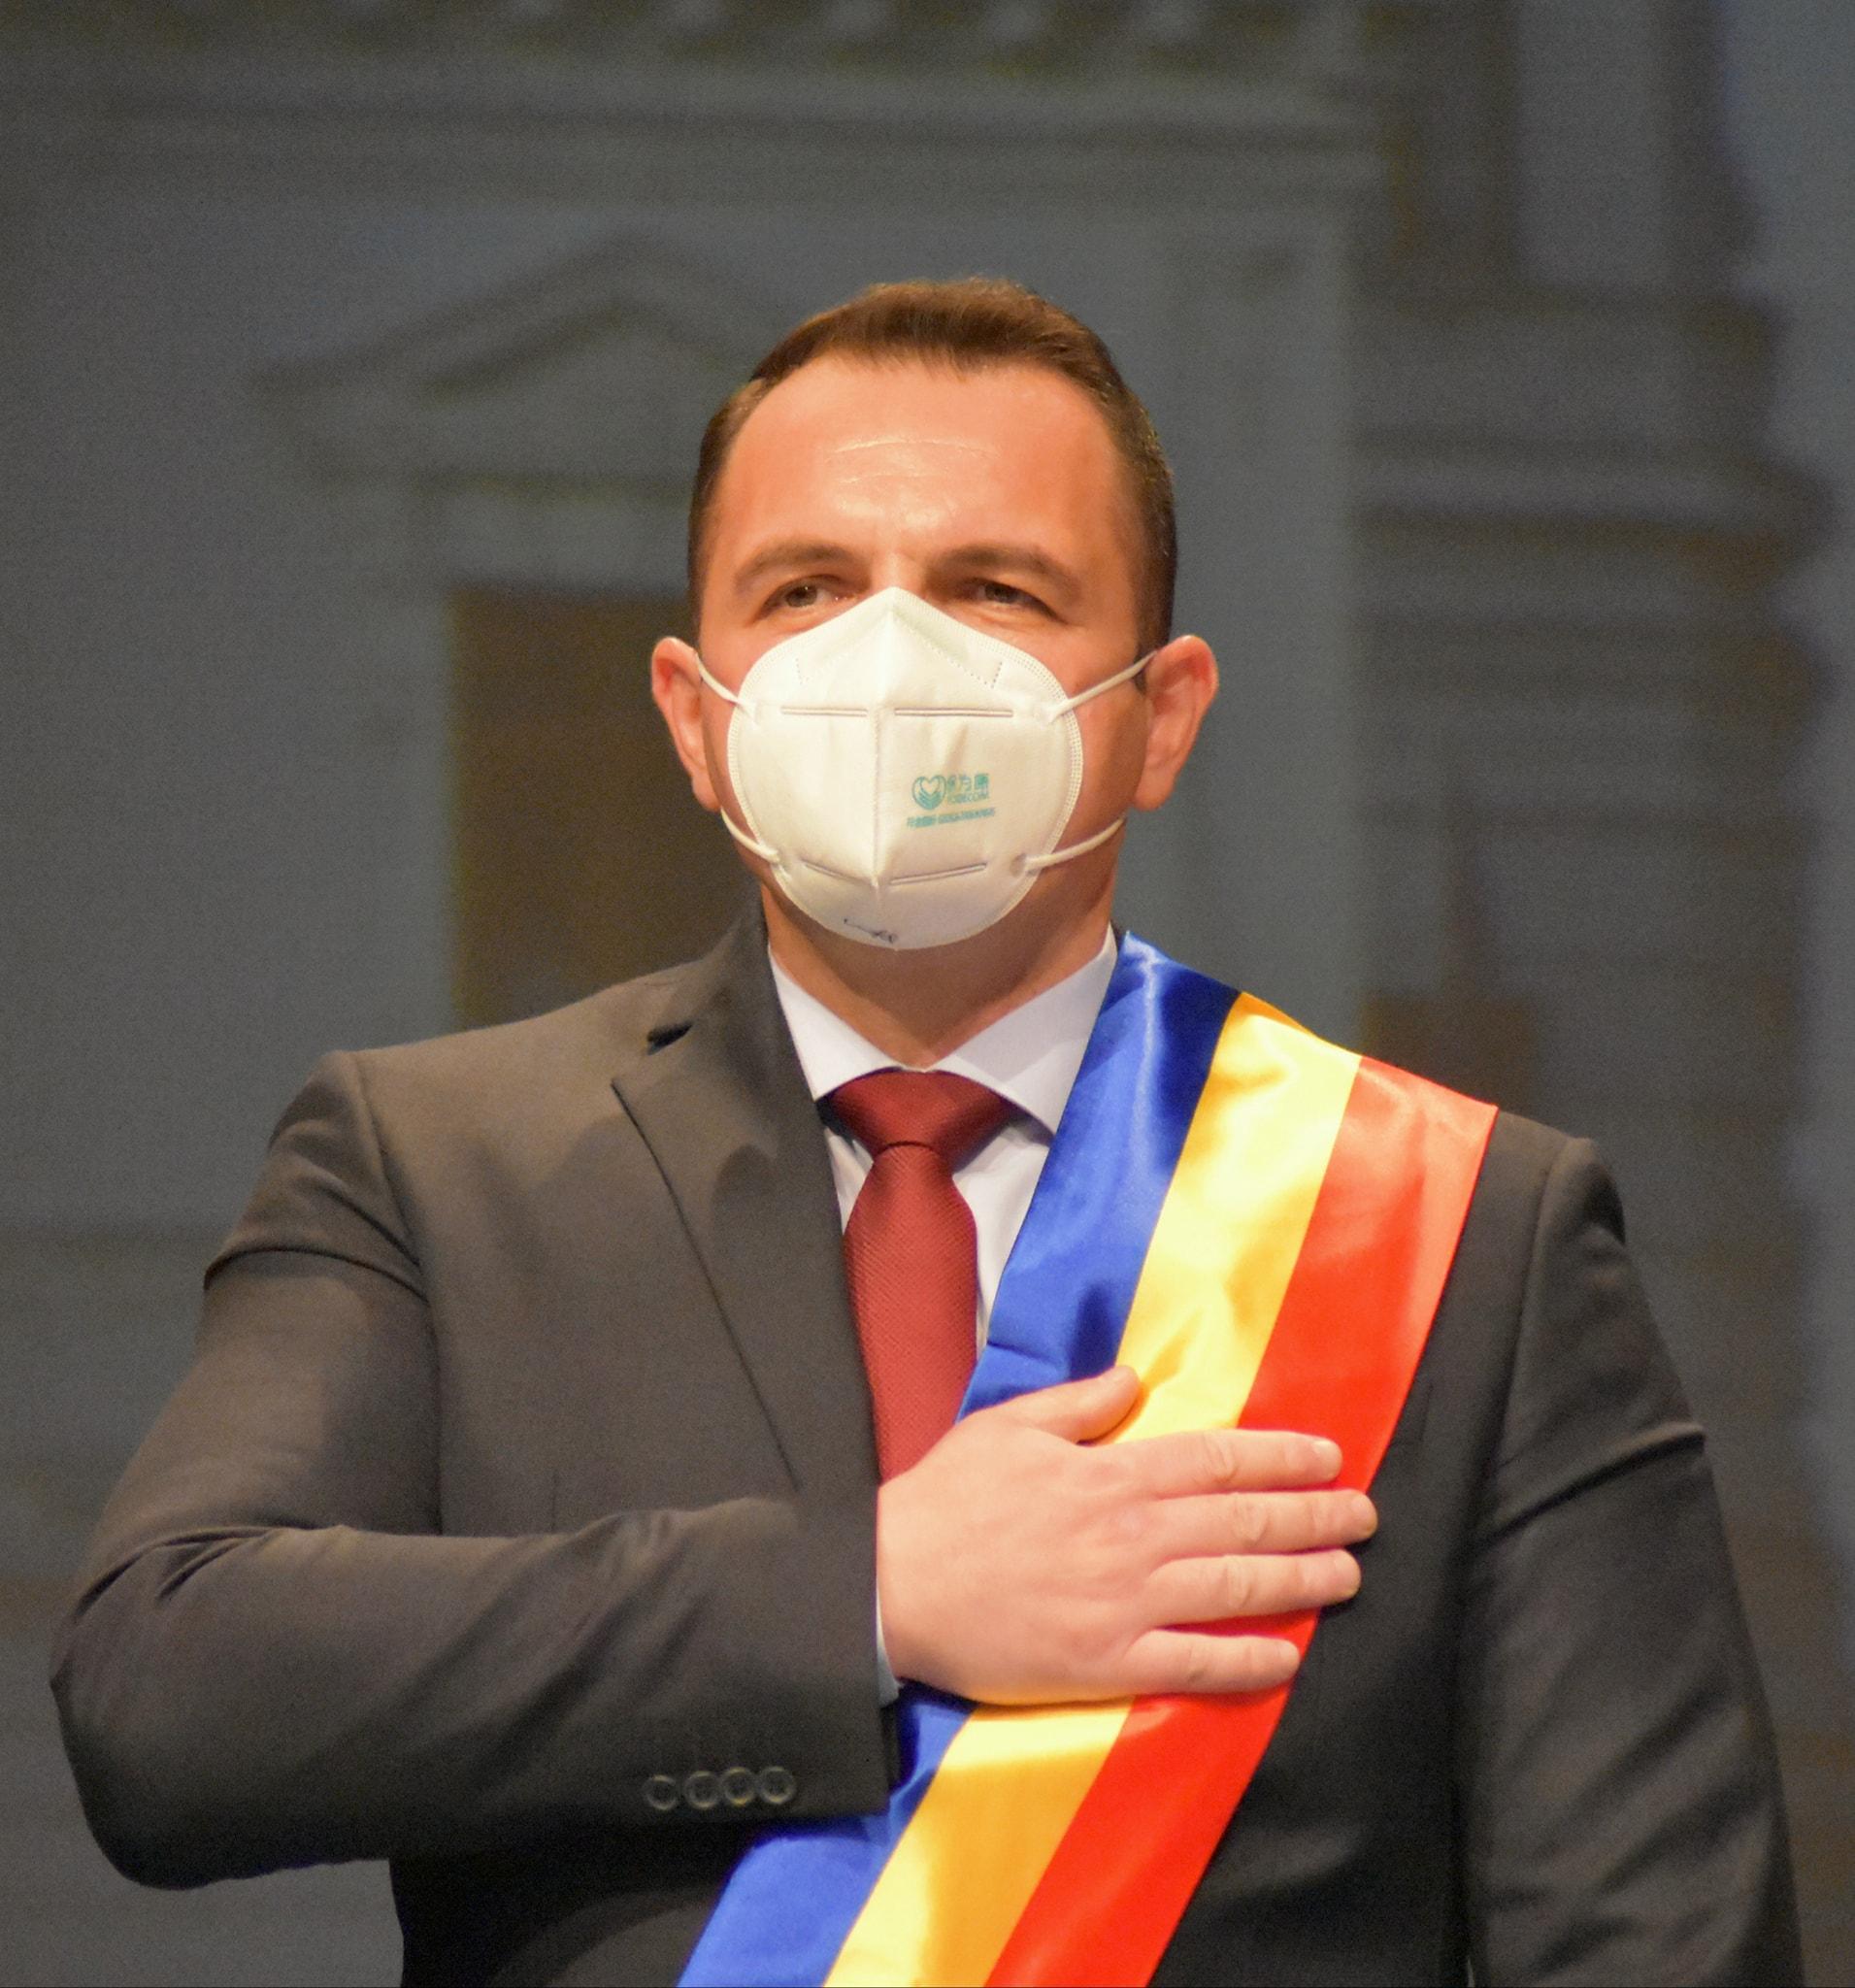 S-a constituit CLM Târgoviște și depunerea jurământului de credință pentru cel de-al doilea mandat de primar al municipiului Târgoviște, de către Daniel Cristian Stan